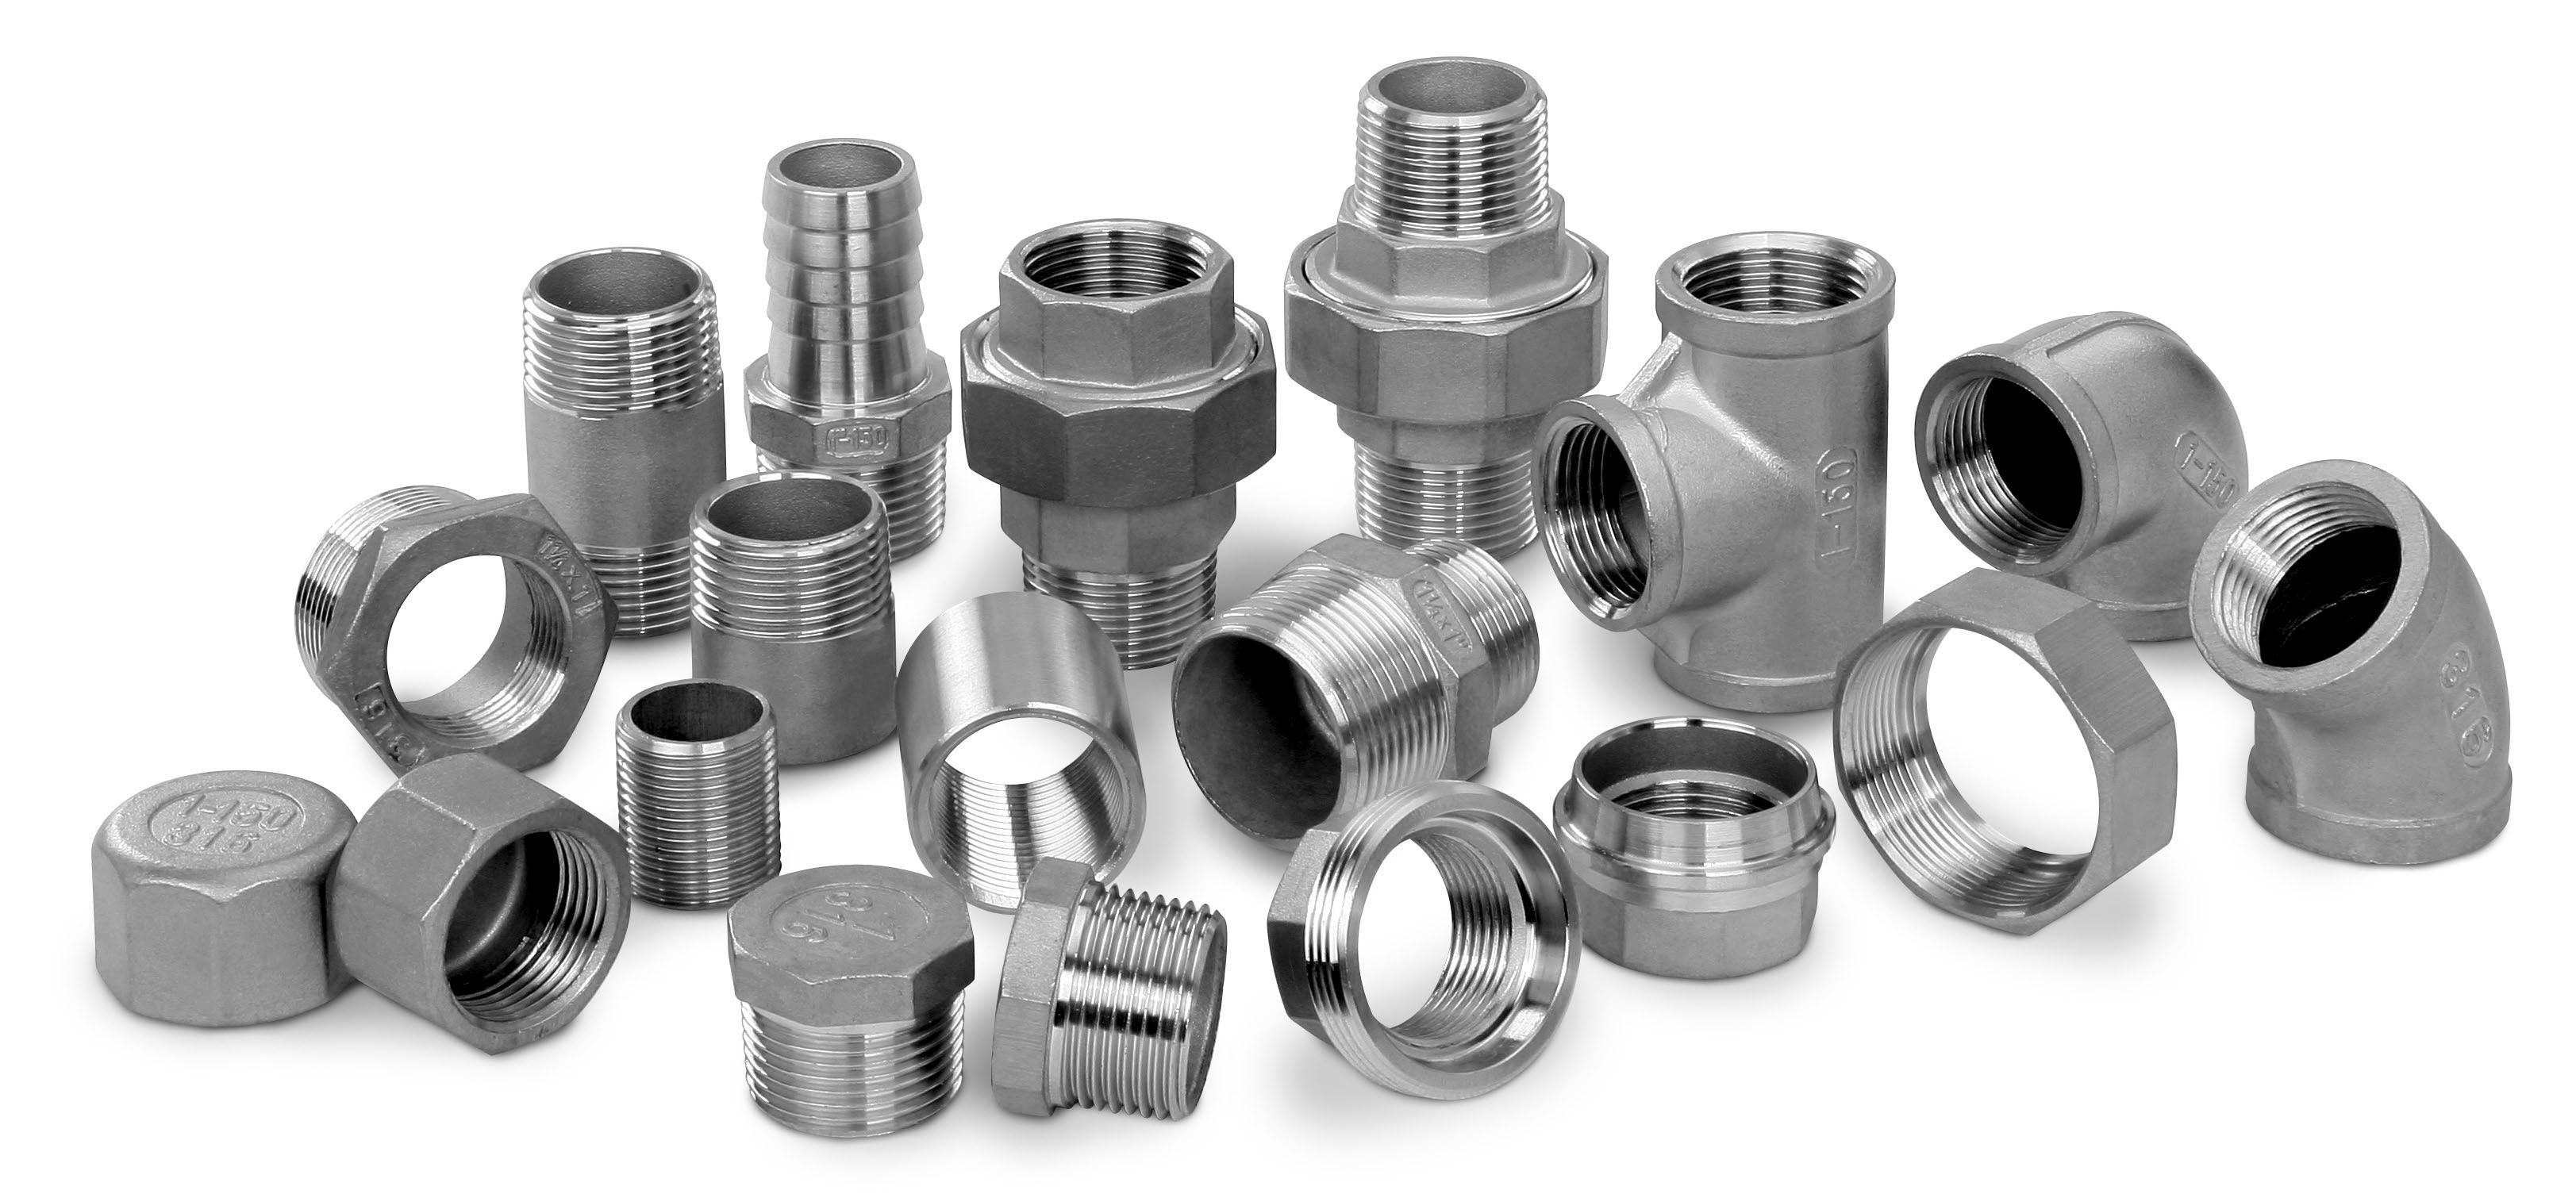 Фитинги - строительные инструменты | Купить недорого в интернет-магазине doss-stroy.ru